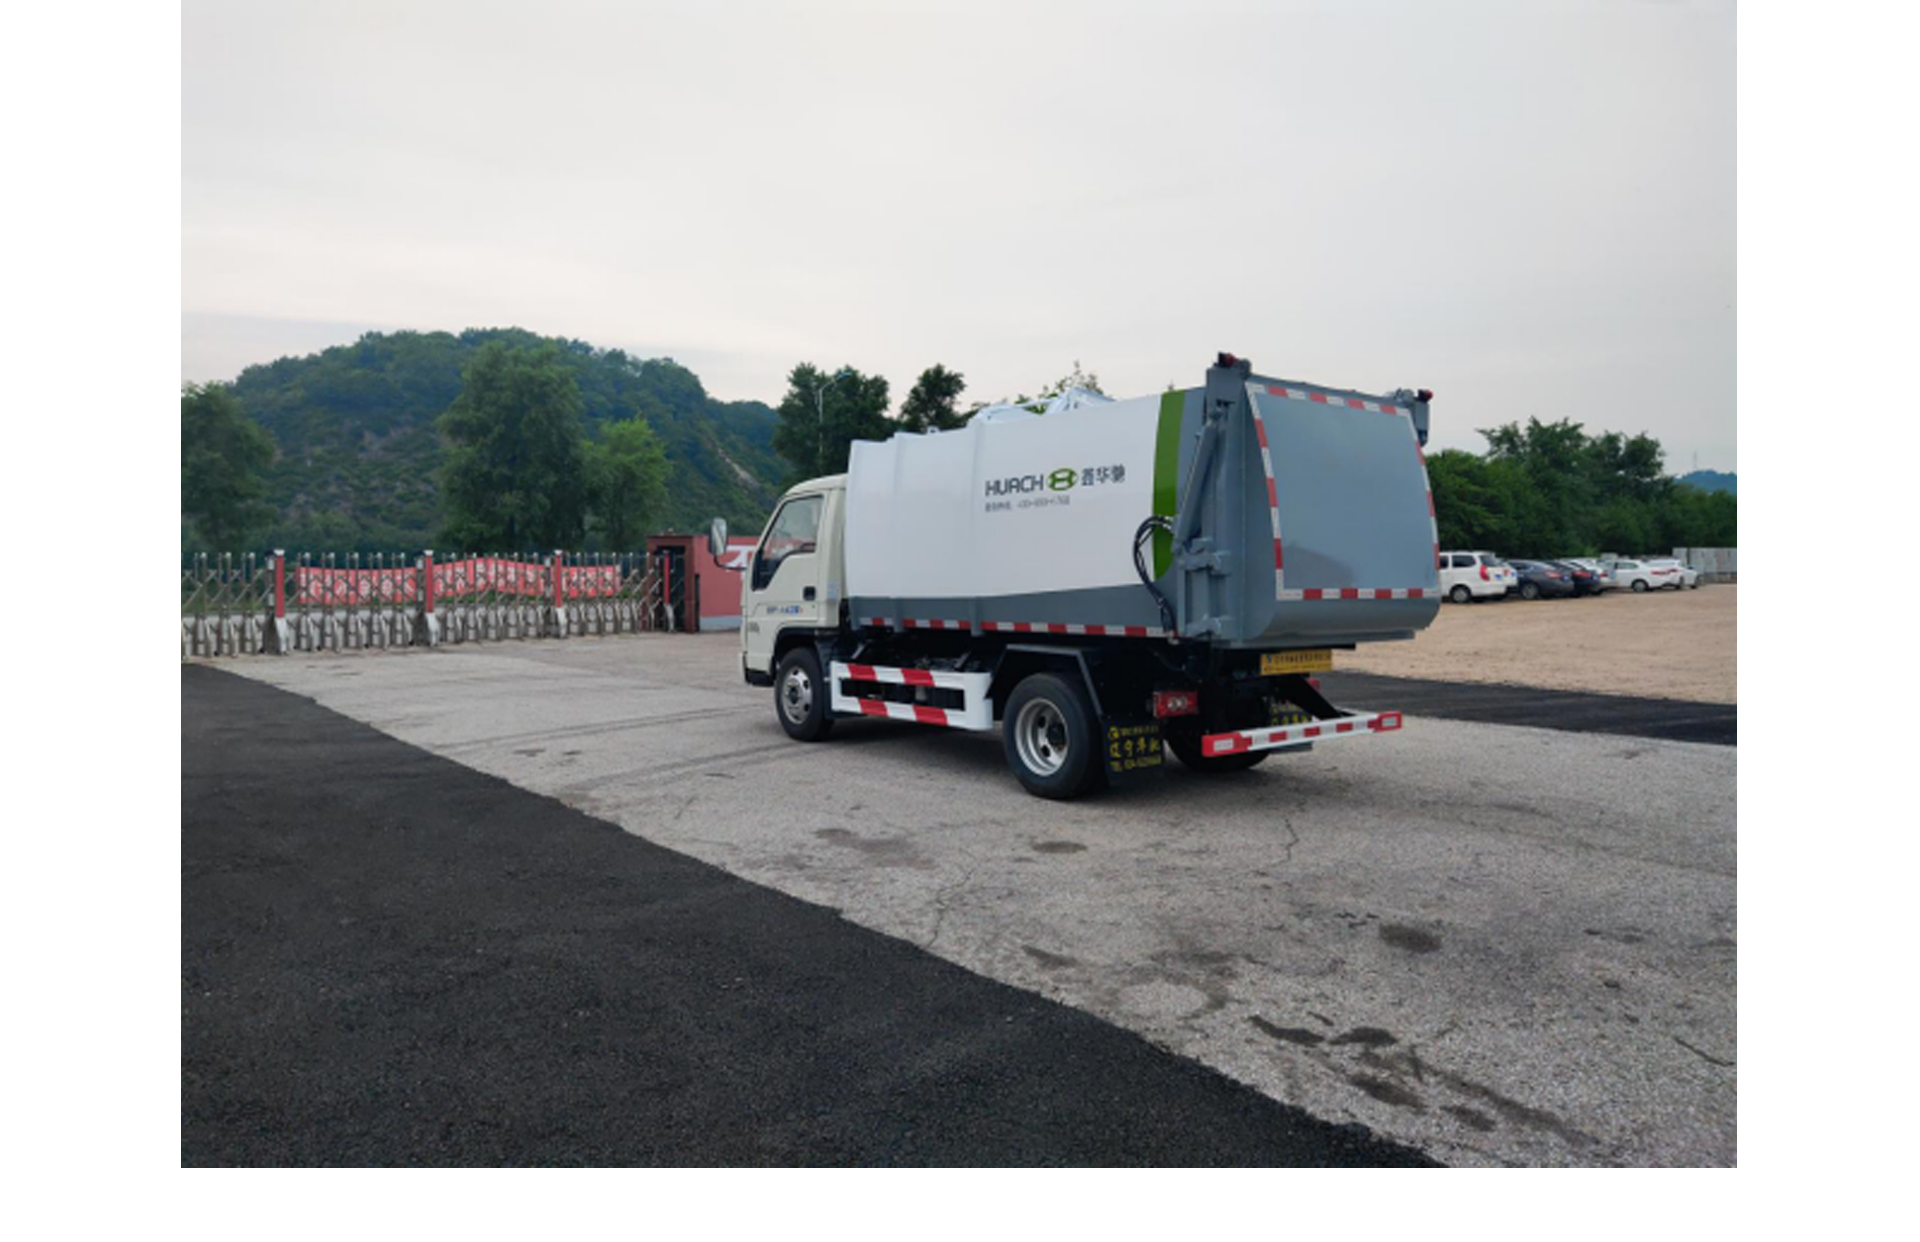 路上经常看到垃圾车,是怎么操作的,您知道吗?